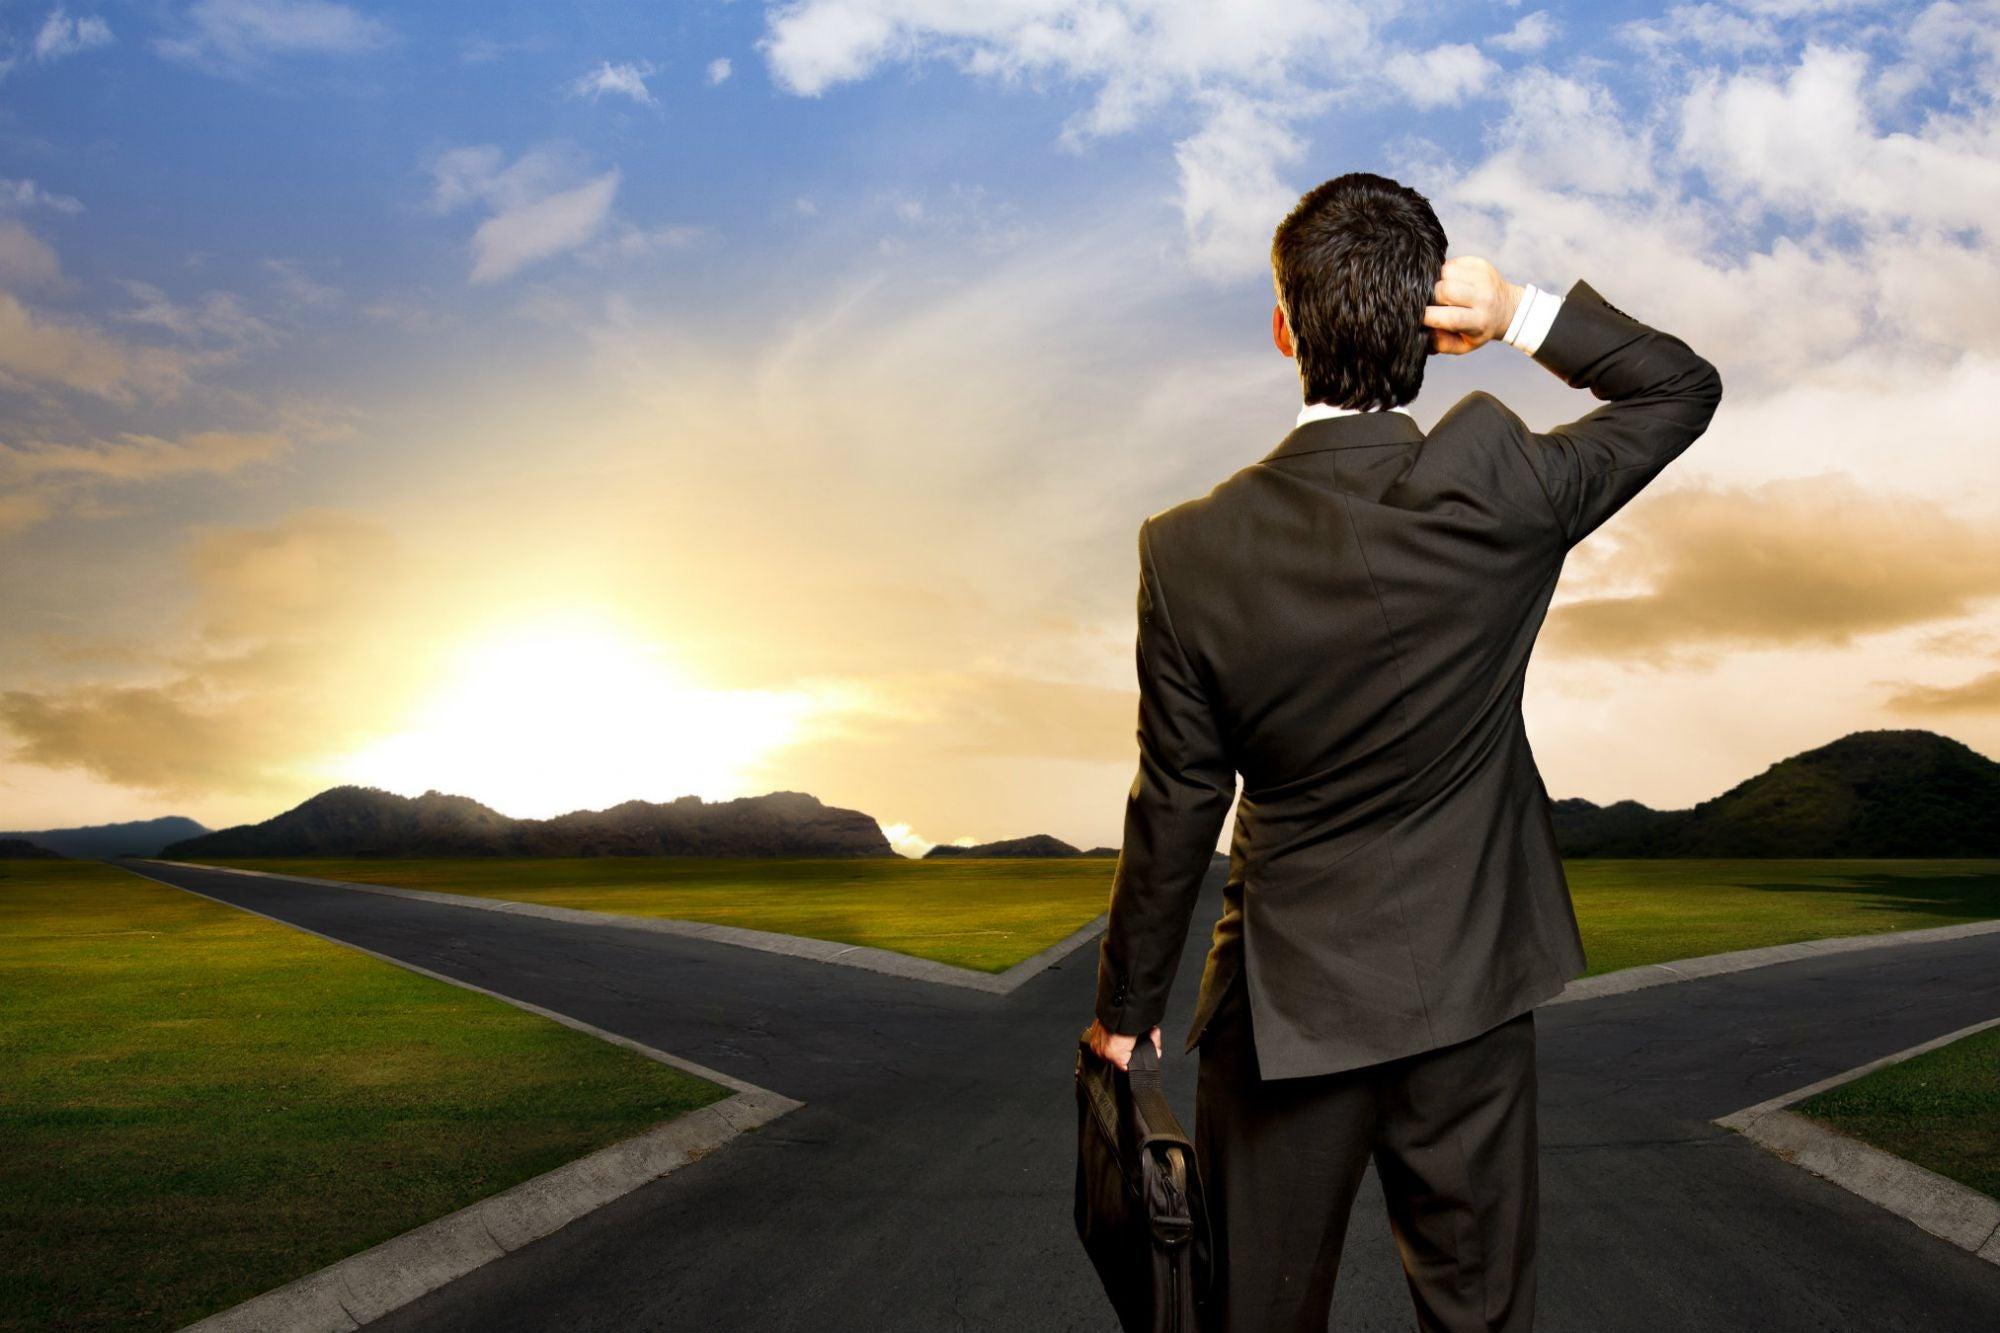 Las 3 decisiones más importantes que cambiarán tu vida